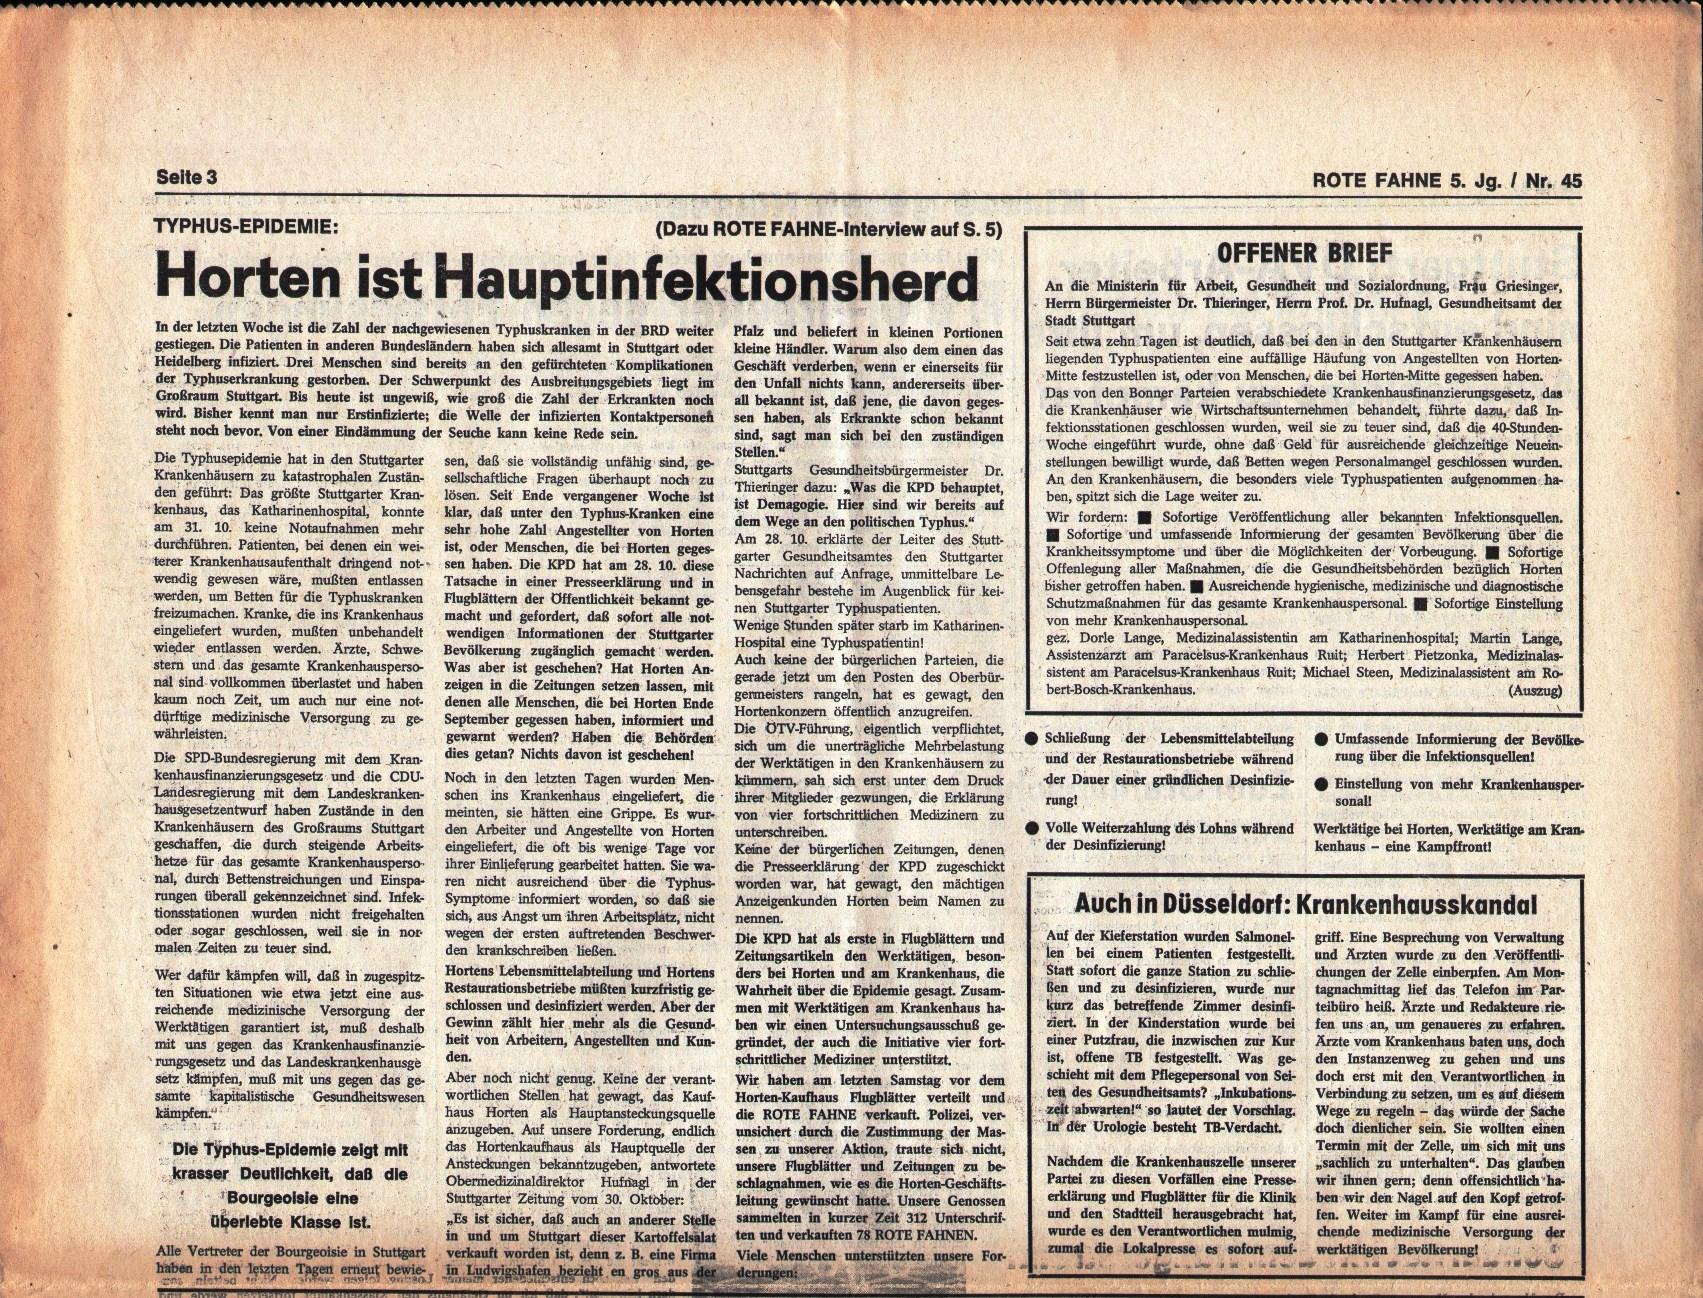 KPD_Rote_Fahne_1974_45_05